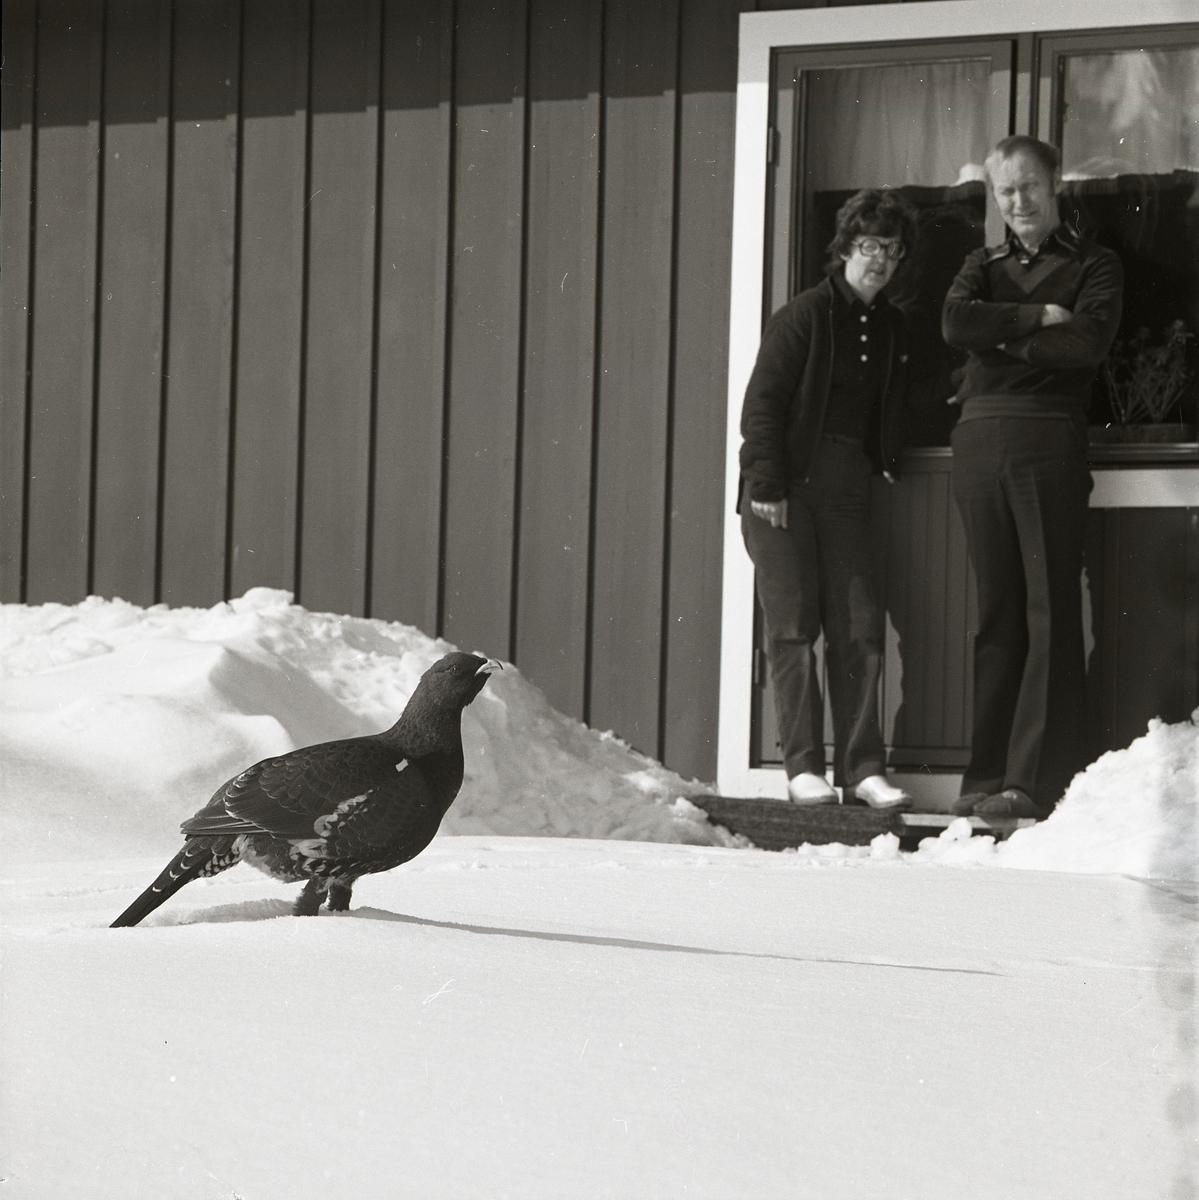 I Trönö 1980 har en djärv tjädertupp vandrat nära intill ett bostadshus och två personer har stigit ut på en stentrapp för att beskåda den. Tjädern står i decimeterdjup snö och längs husväggen står snövallarna ännu högre från marken.